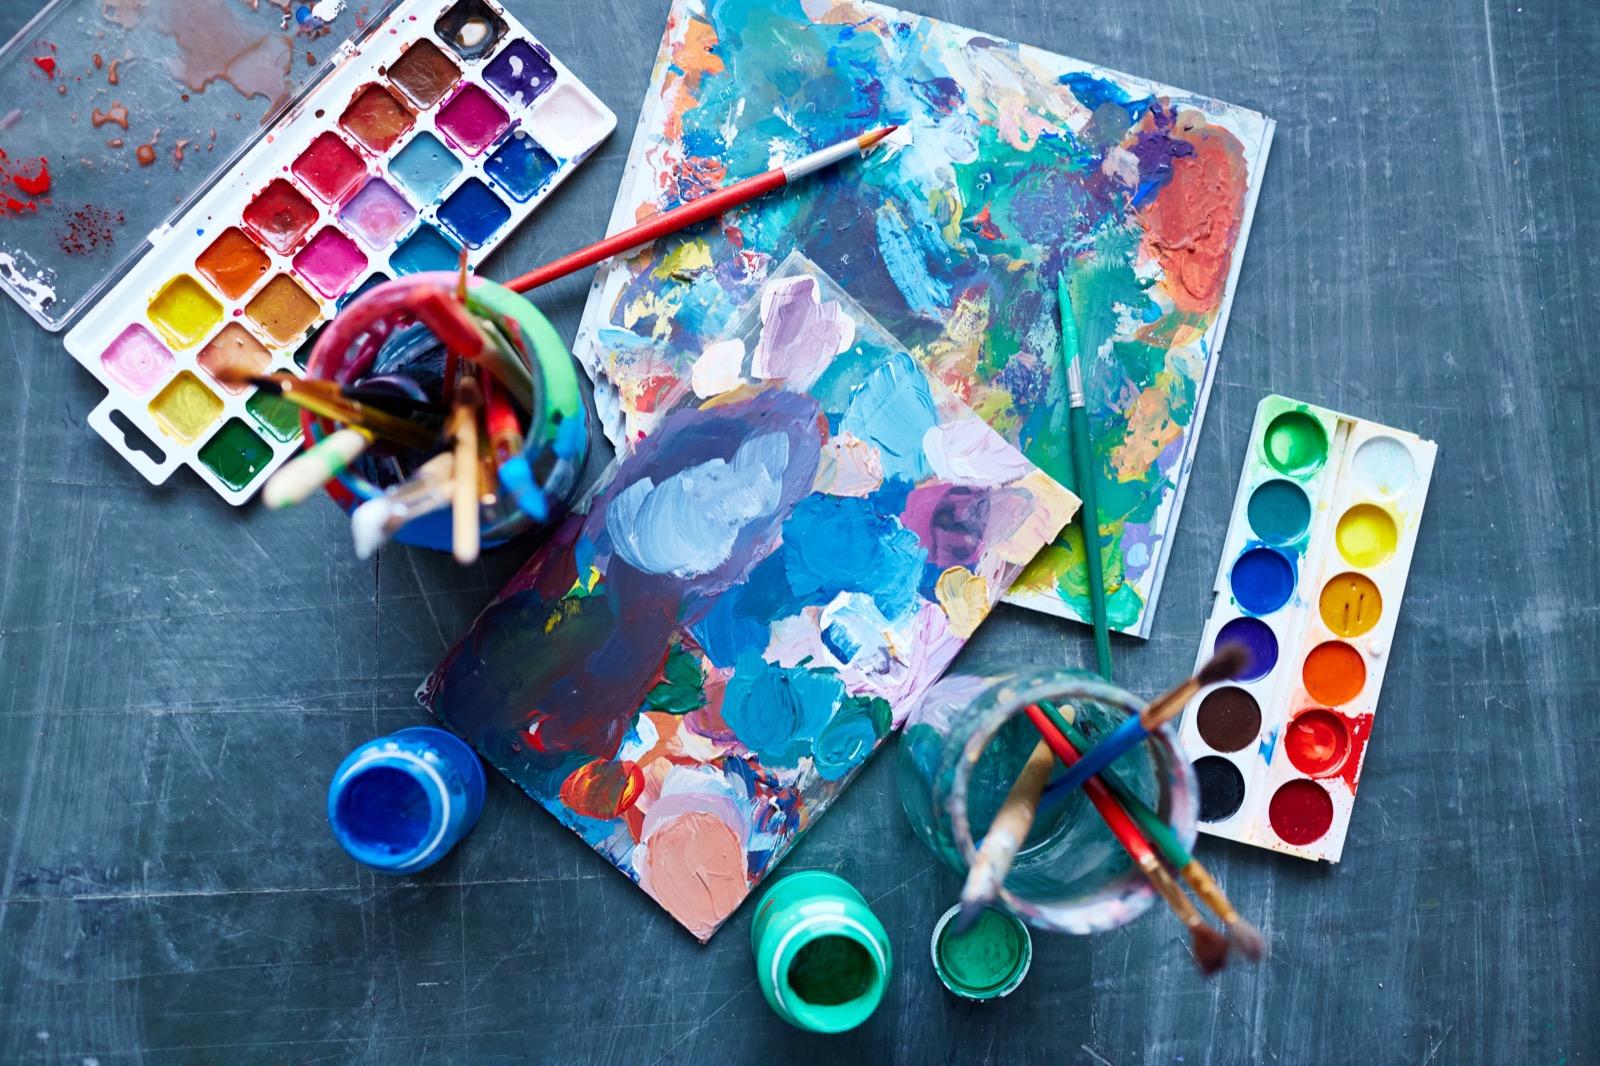 Art-supplies-538482847_5760x3840_Web.jpeg